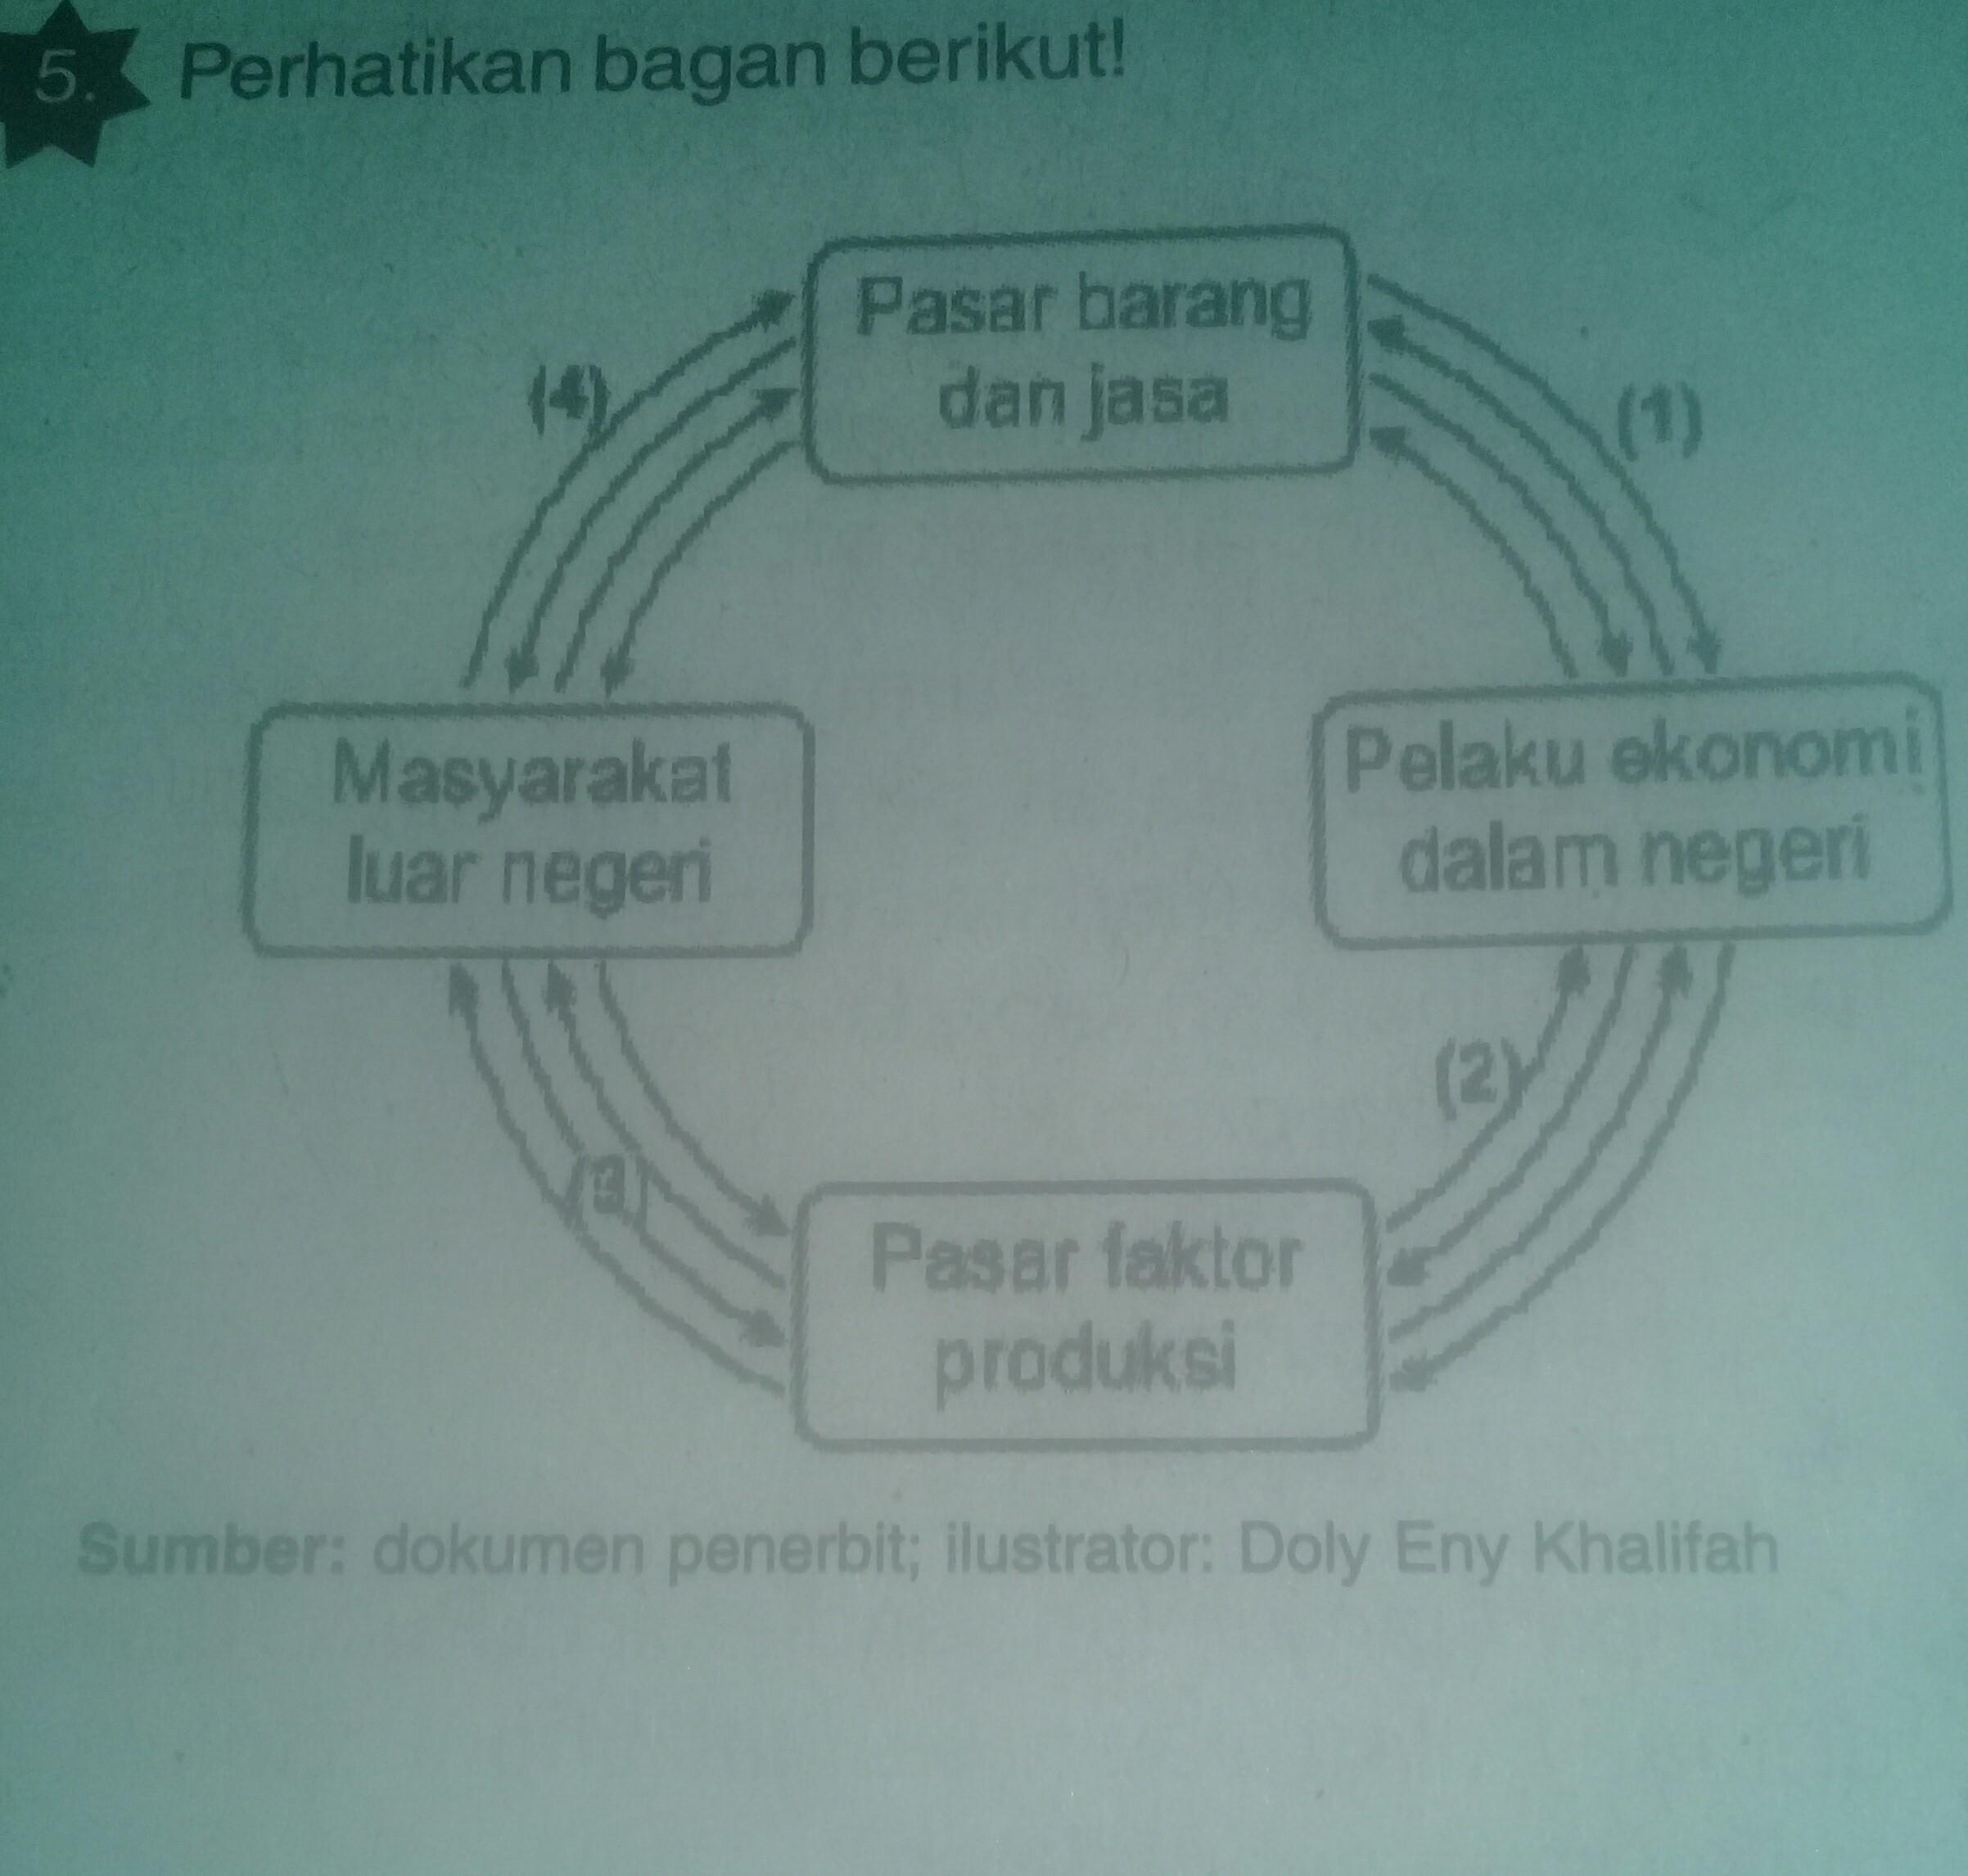 Deskripsikan kegiatan ekonomi pada circular diagram flow tersebut deskripsikan kegiatan ekonomi pada circular diagram flow tersebut ccuart Image collections